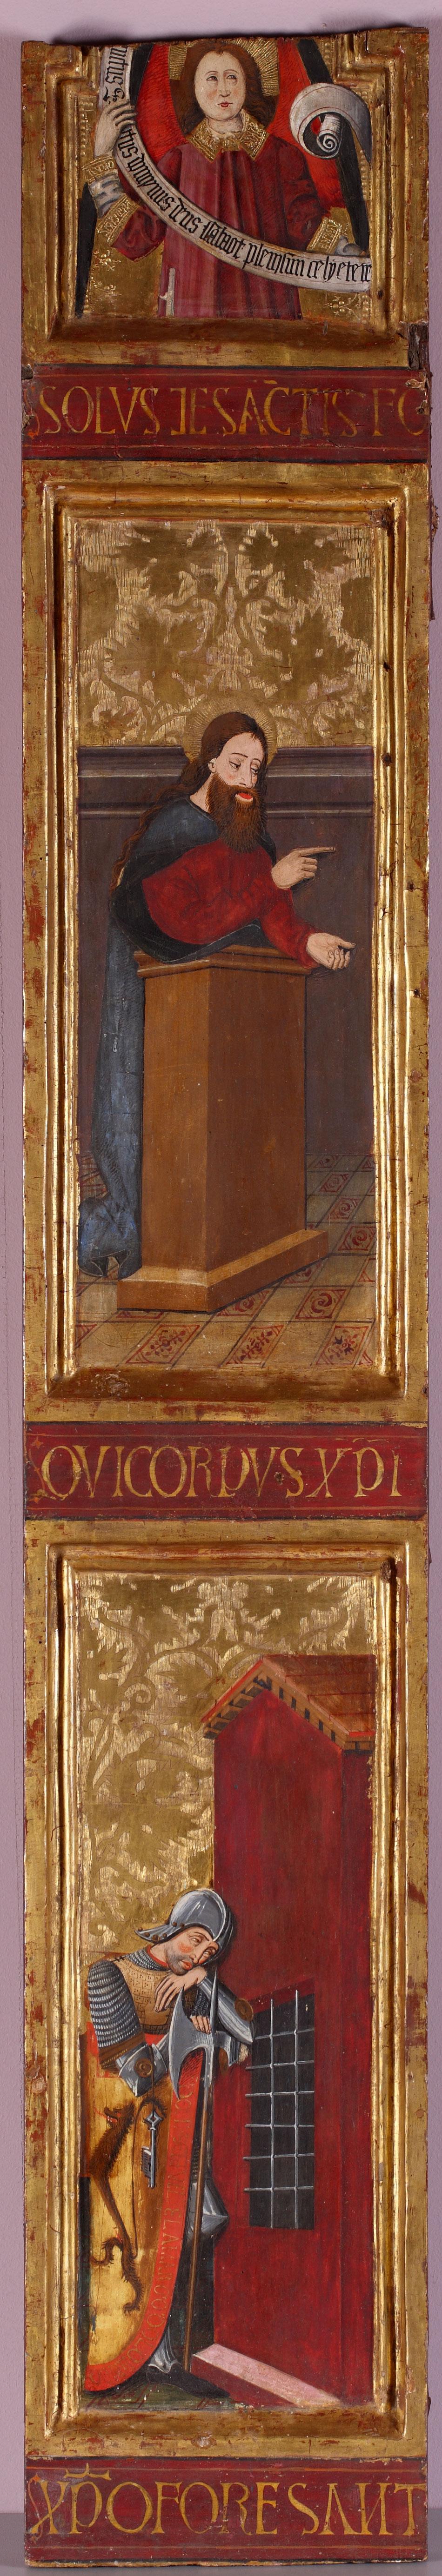 Fragmento de tabla con ángel, santo predicando y guerrero